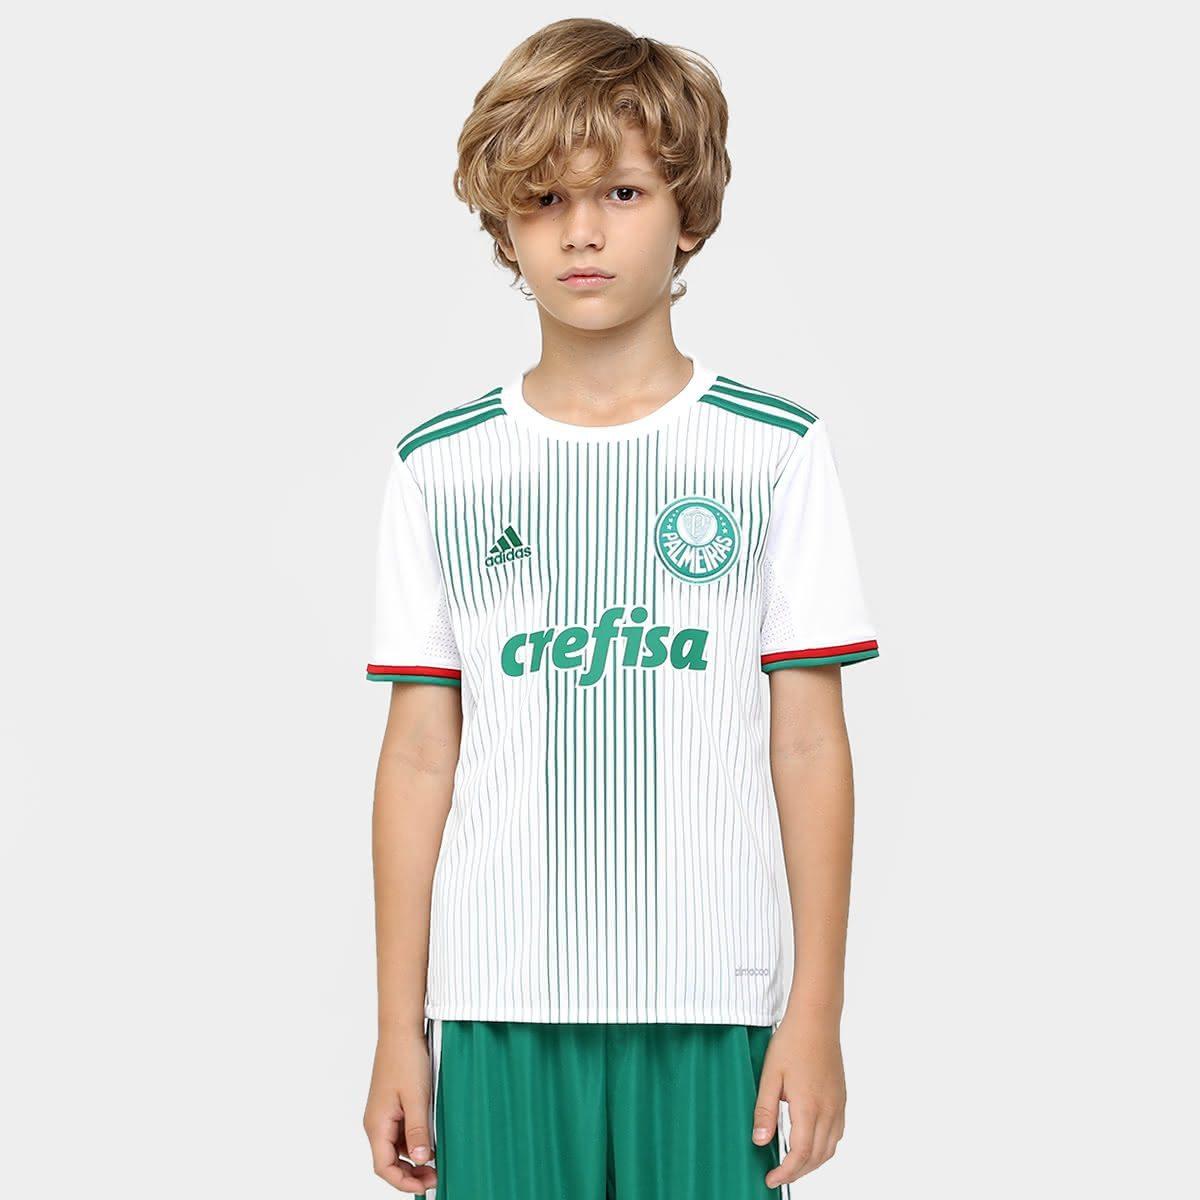 Esse uniforme pode ser usado pelo seu filho durante as atividades do  cotidiano ou para torcer pelo clube em dias de jogos. A camisa 4bc8ffbbcb9b1